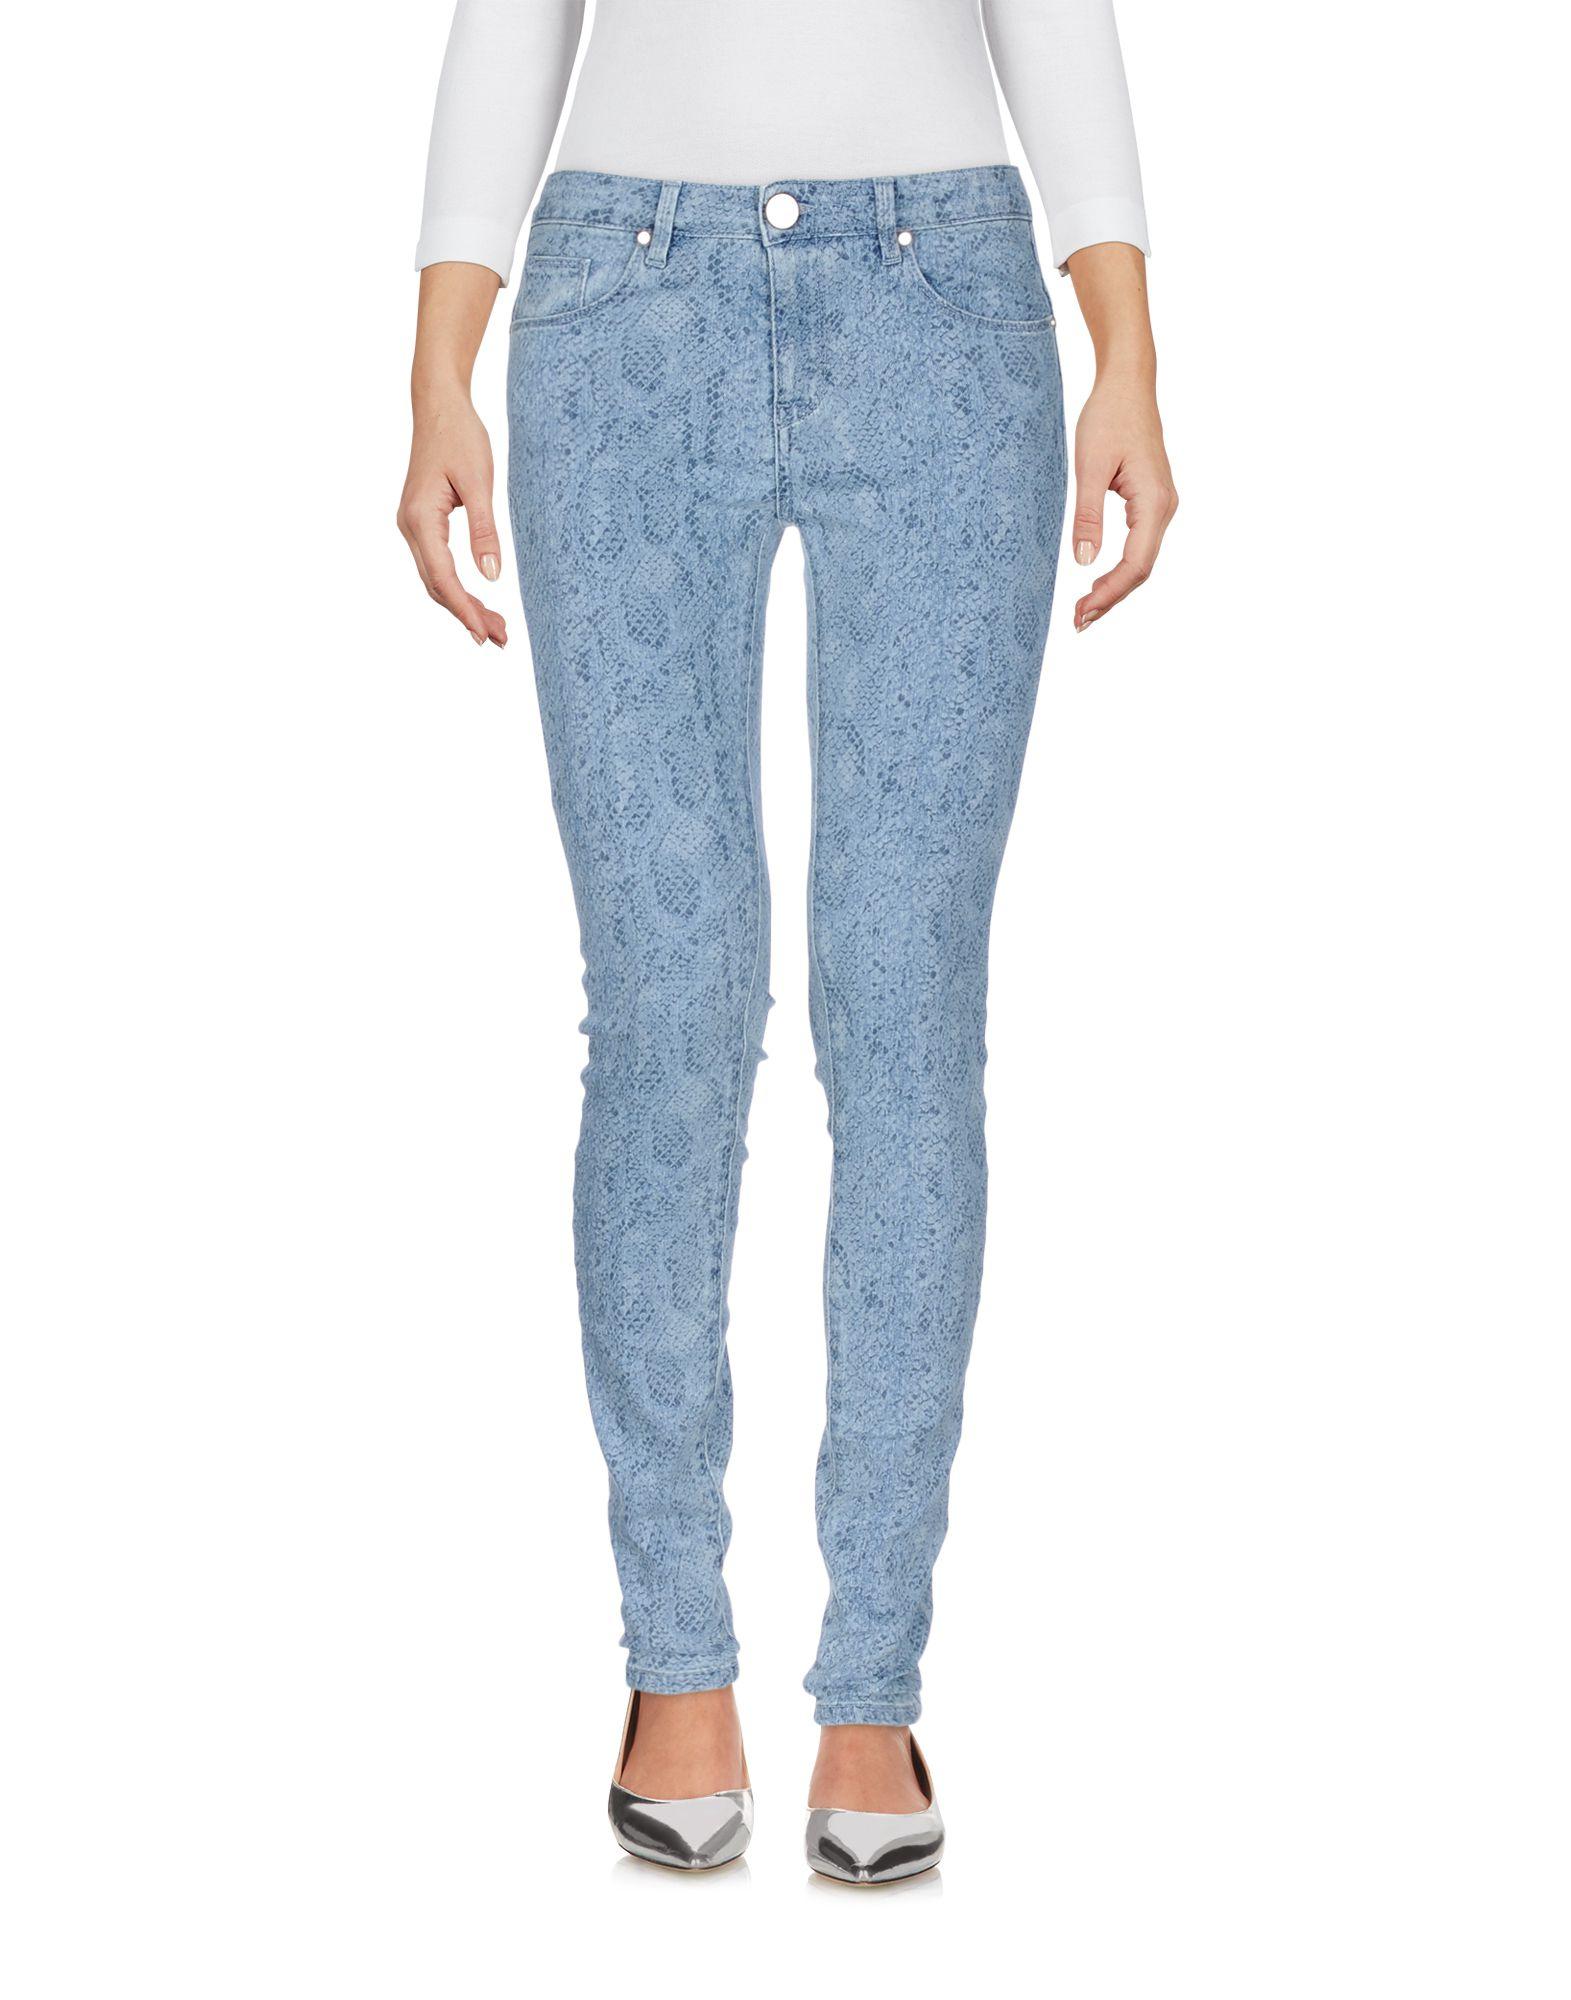 PINKO Джинсовые брюки женские брюки лэйт светлый размер 56